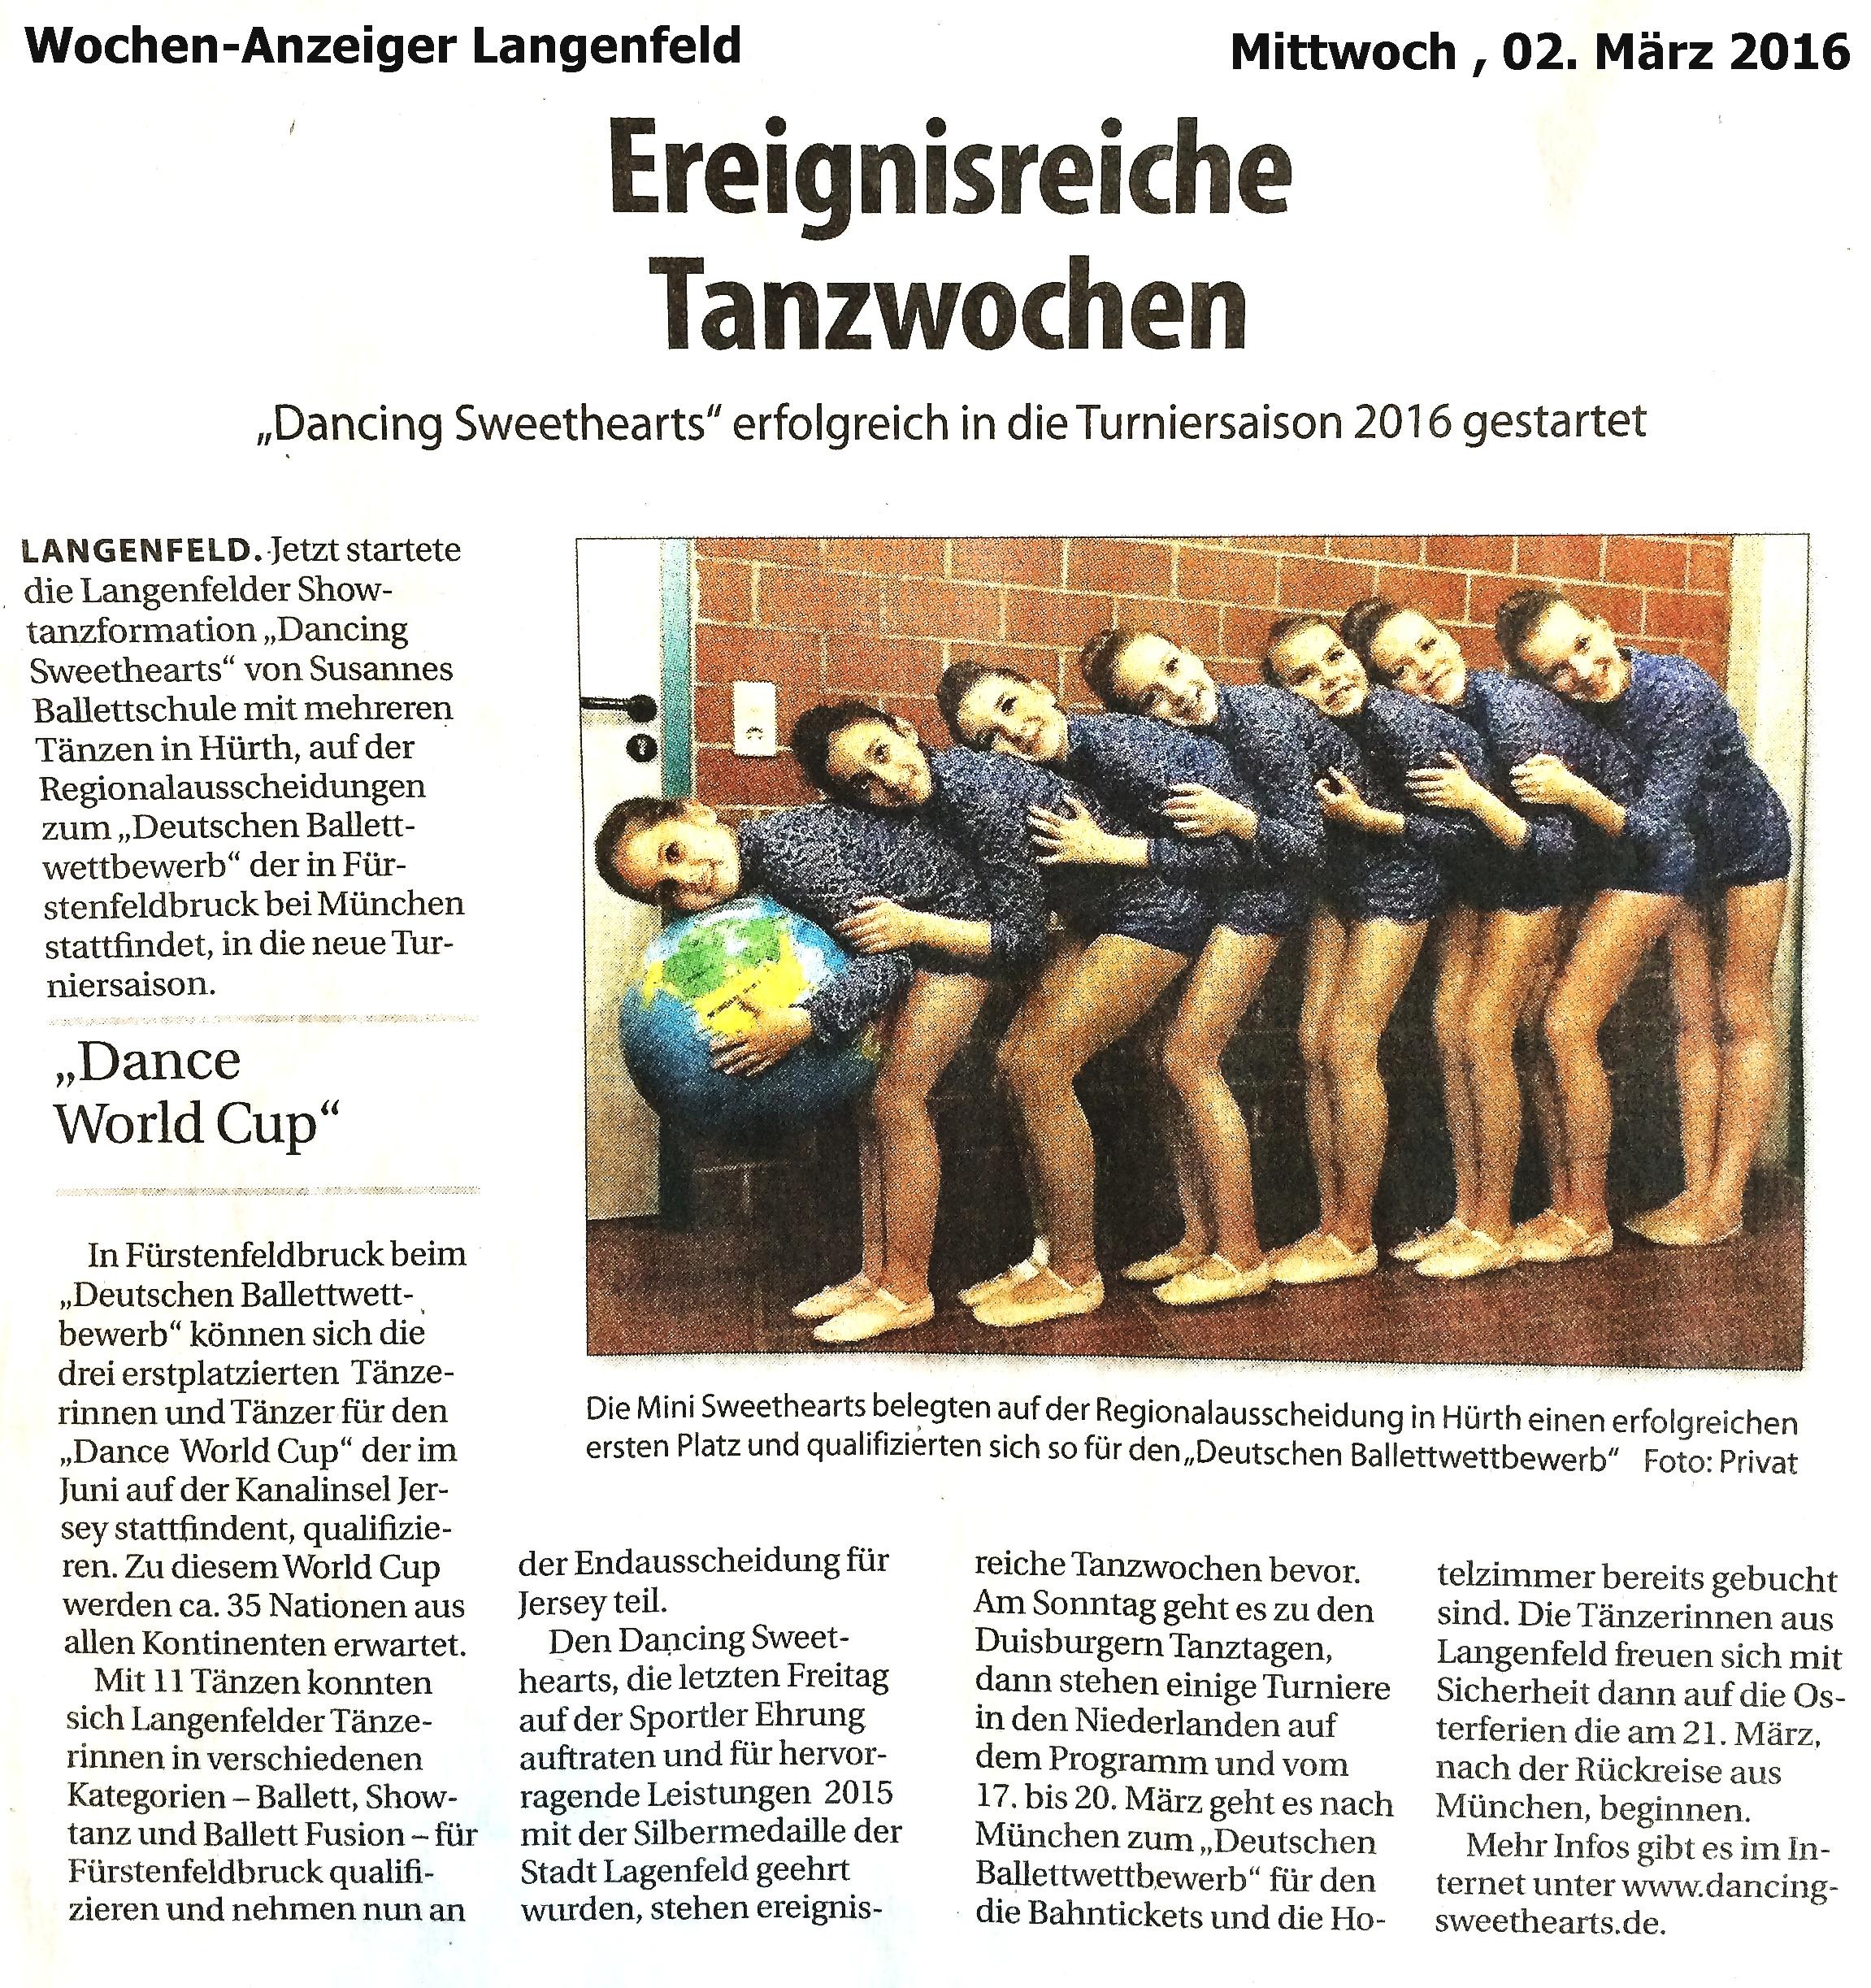 Wochenanzeiger Langenfeld 02.03.2016